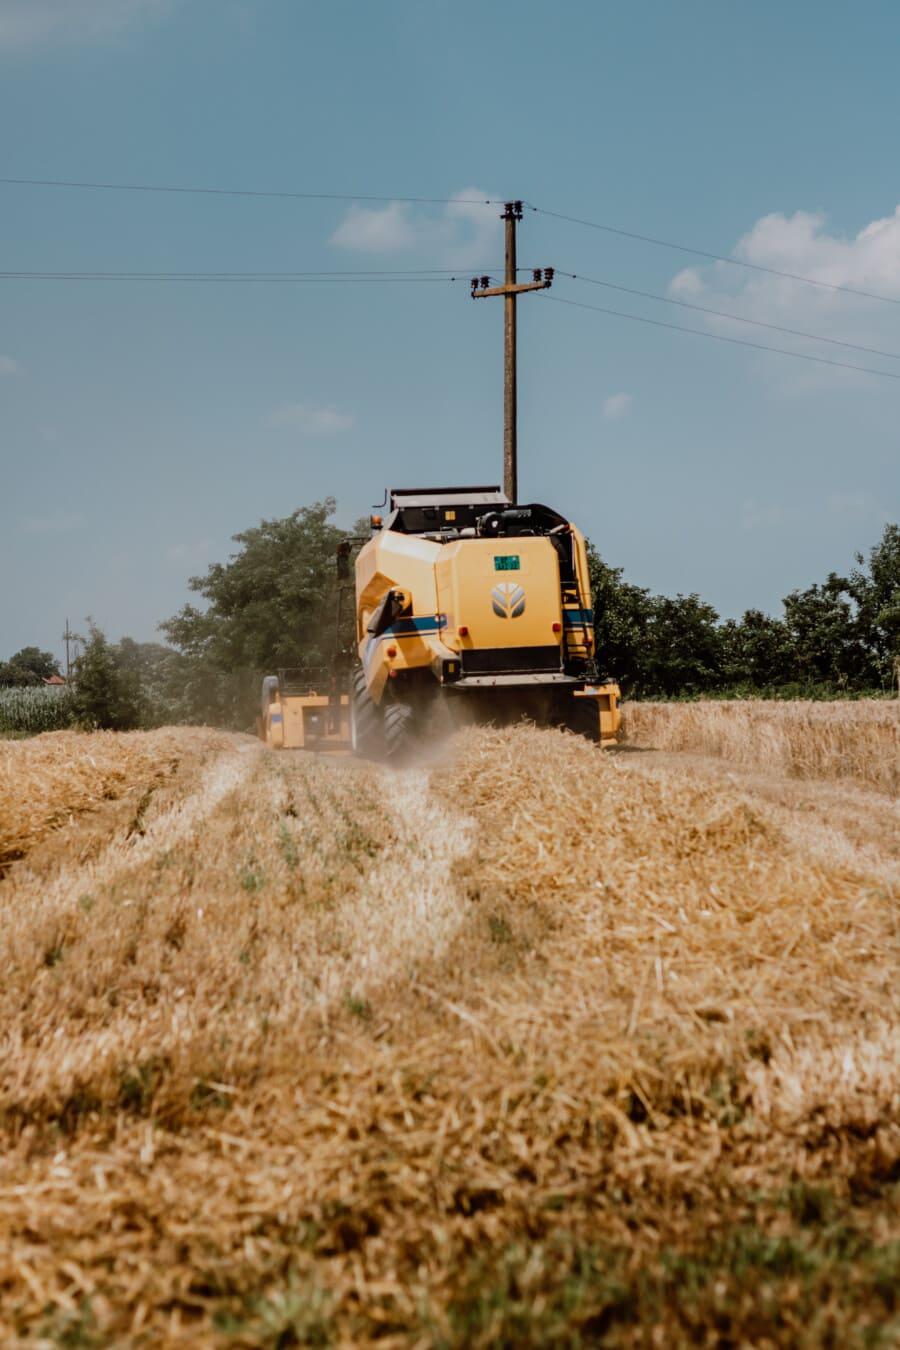 Fahrzeug, Harvester, Harvest, industrielle, Maschine, Landwirtschaft, Feld, des ländlichen Raums, Bauernhof, Weizen